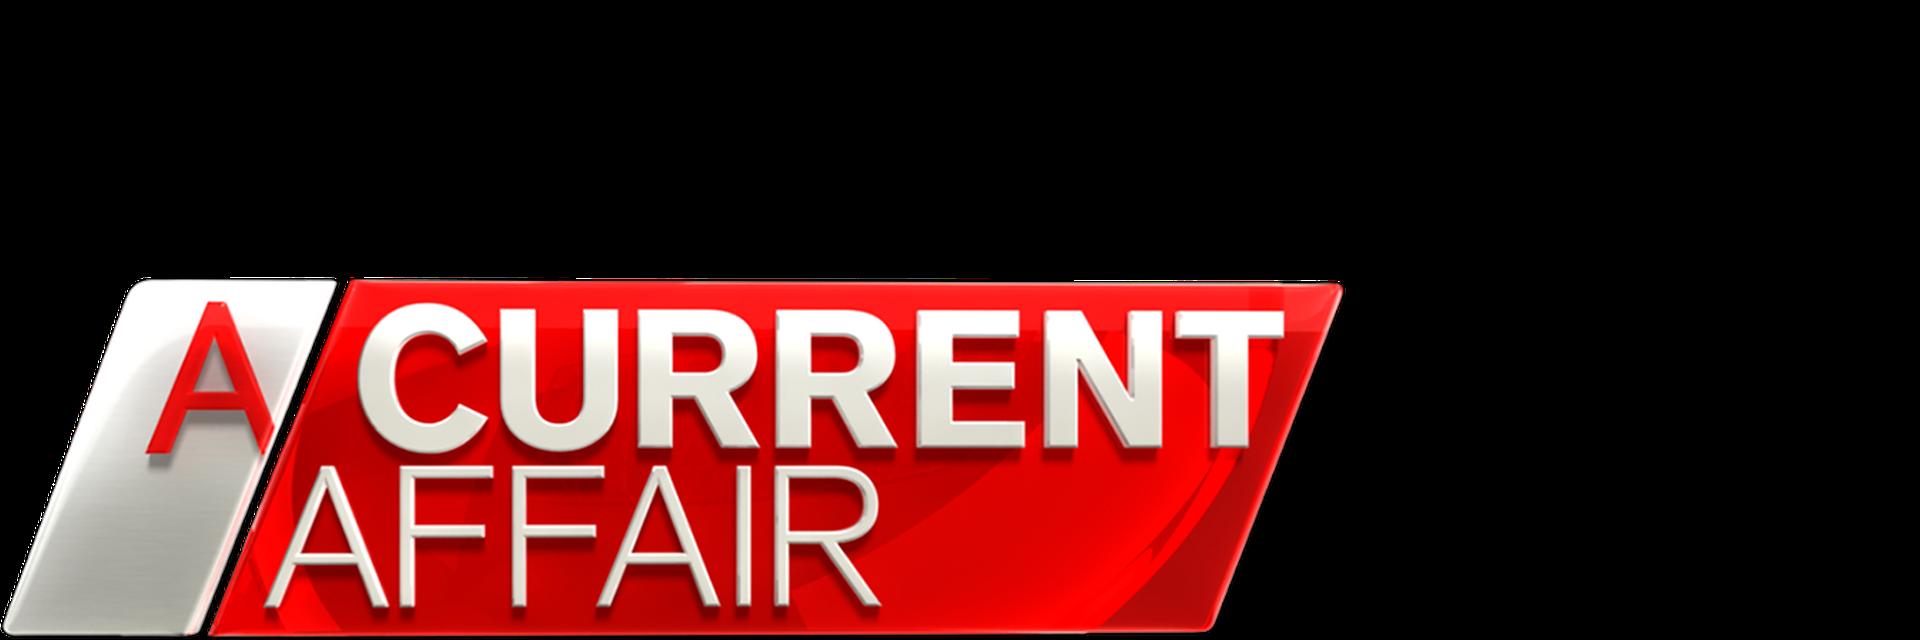 Watch A Current Affair 2019, Catch Up TV